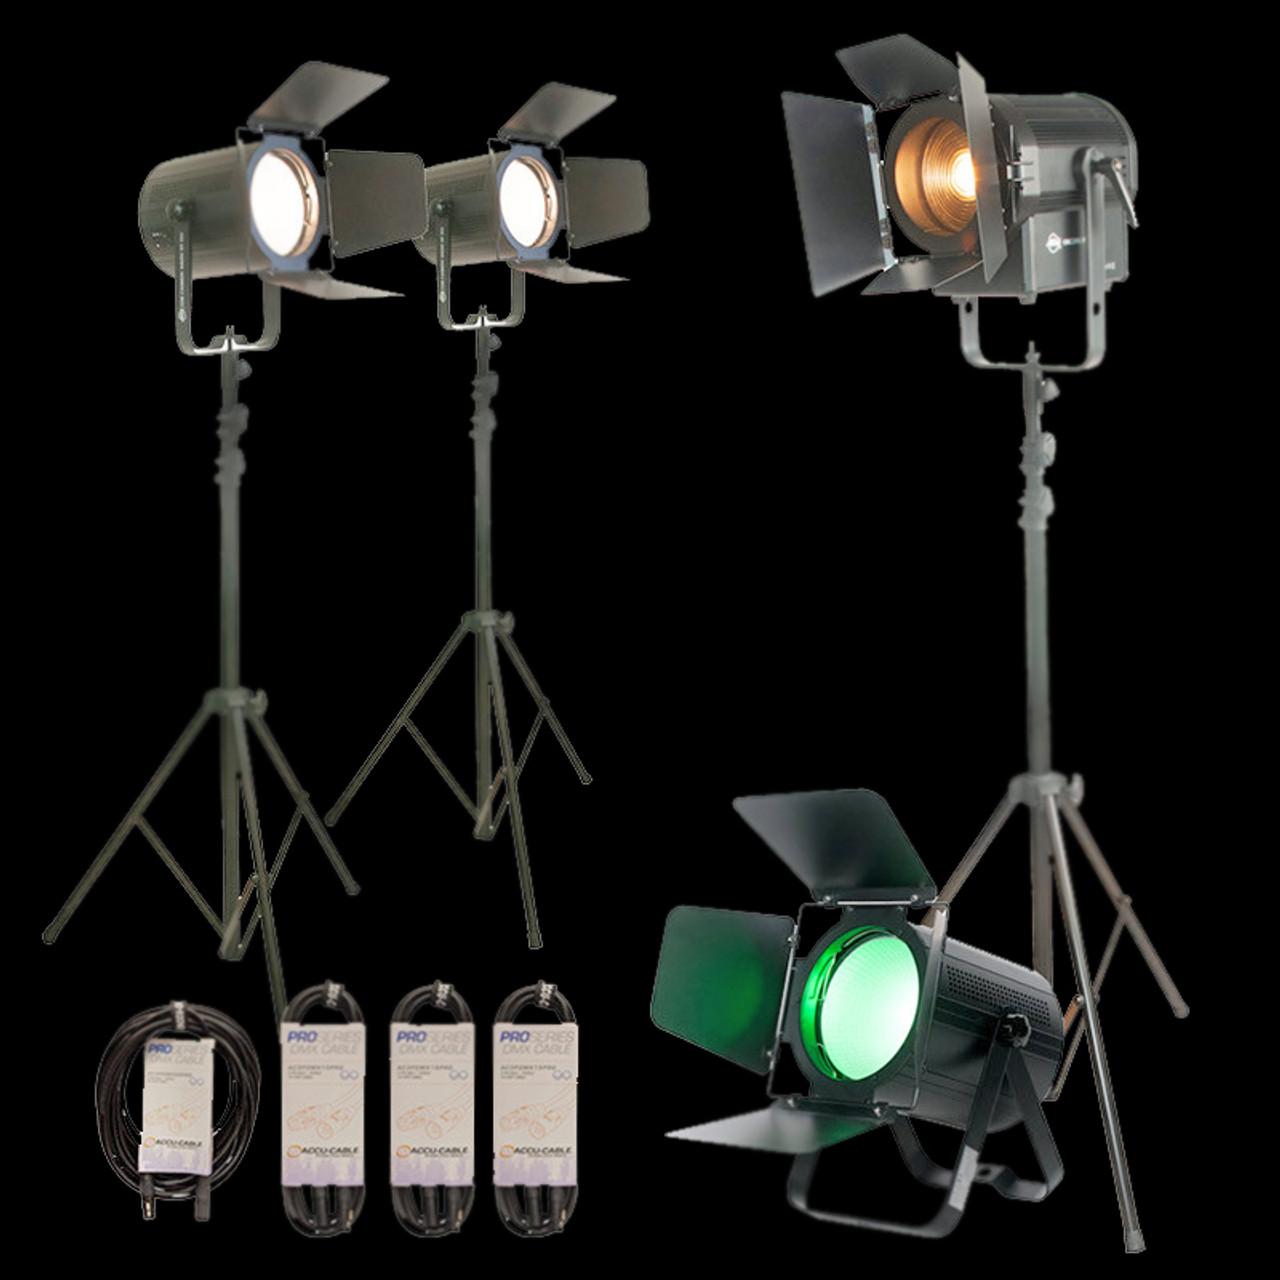 ADJ Variable White Stream Pak / Production Lighting Package